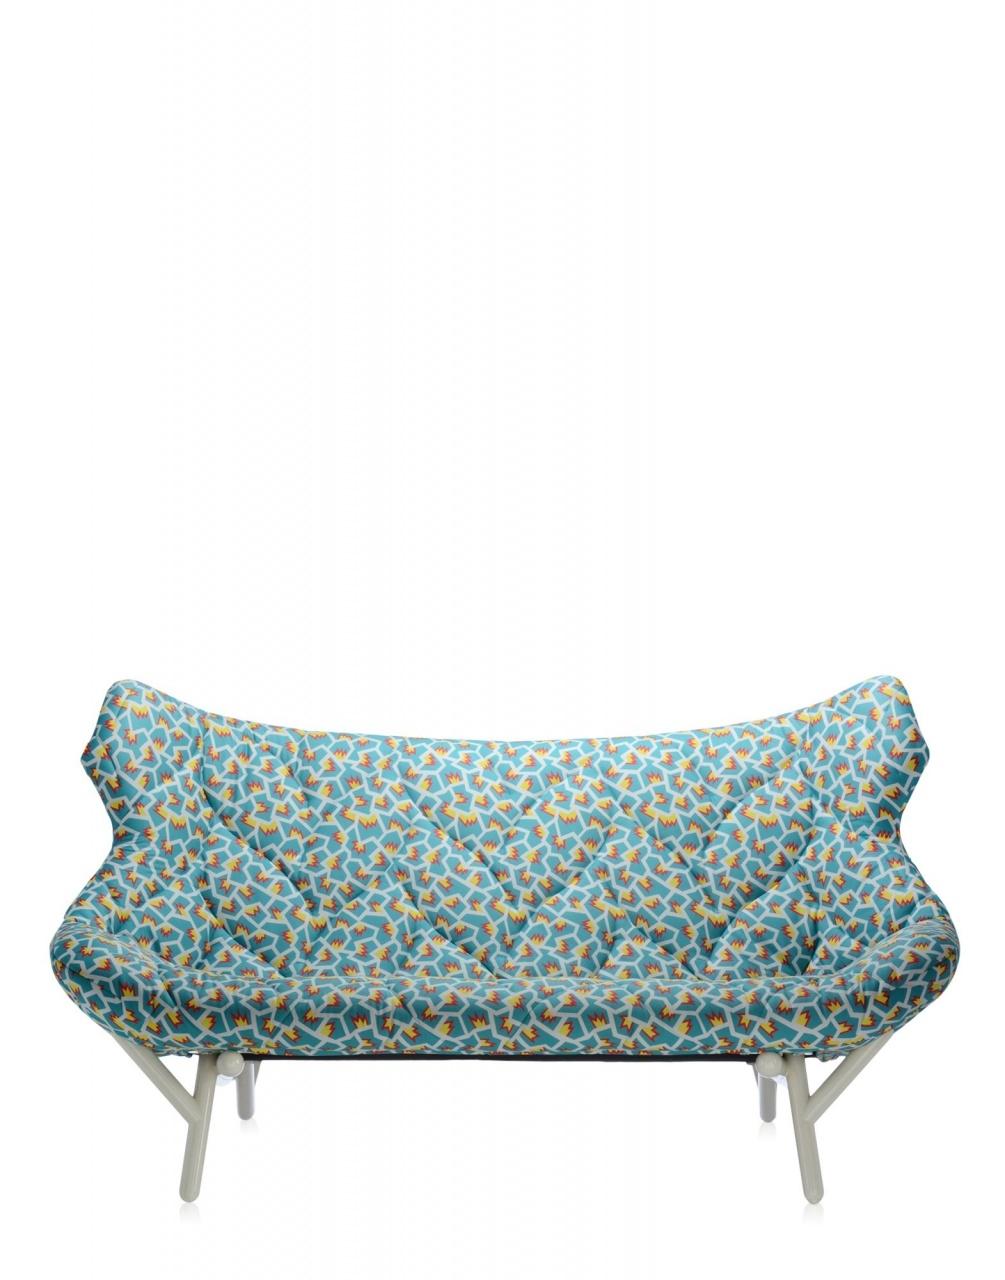 Foliage Sofa